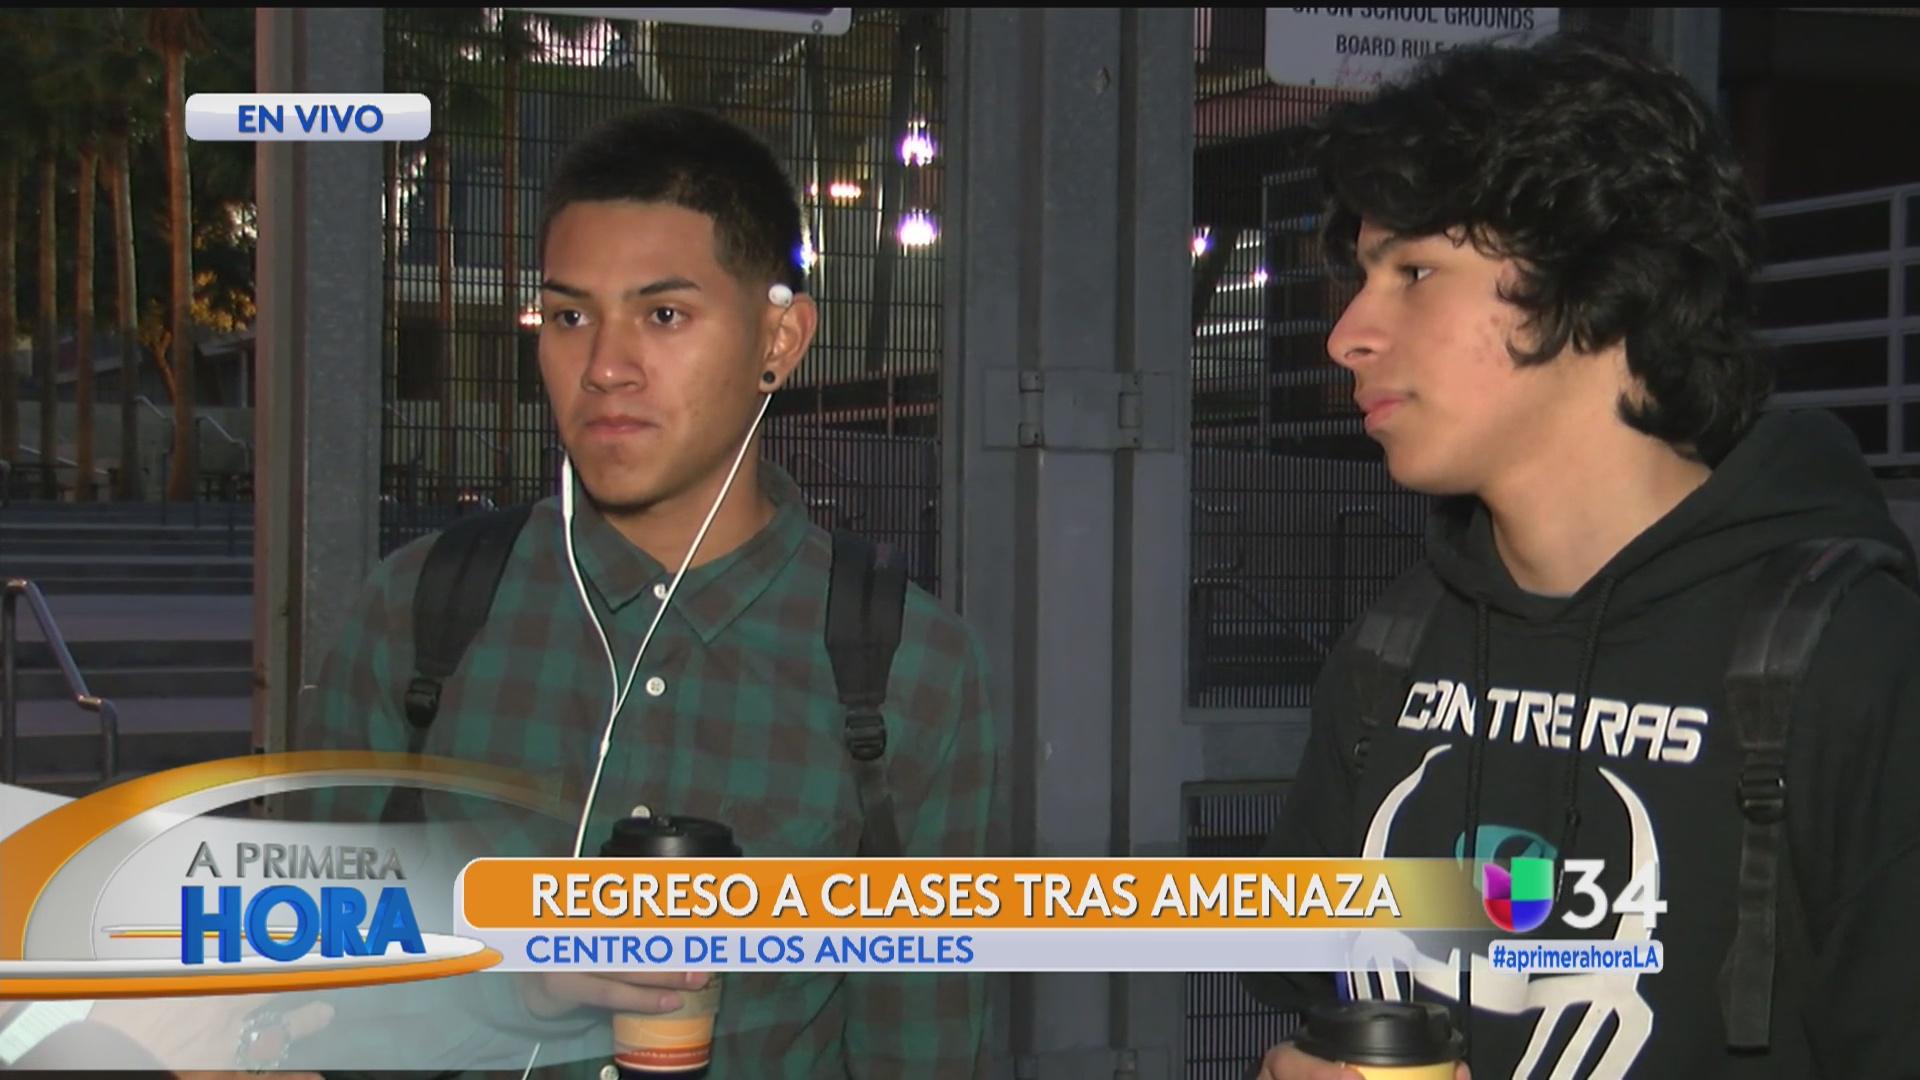 Jóvenes listos para regresar a clases en Los Ángeles - Univision 34 ...